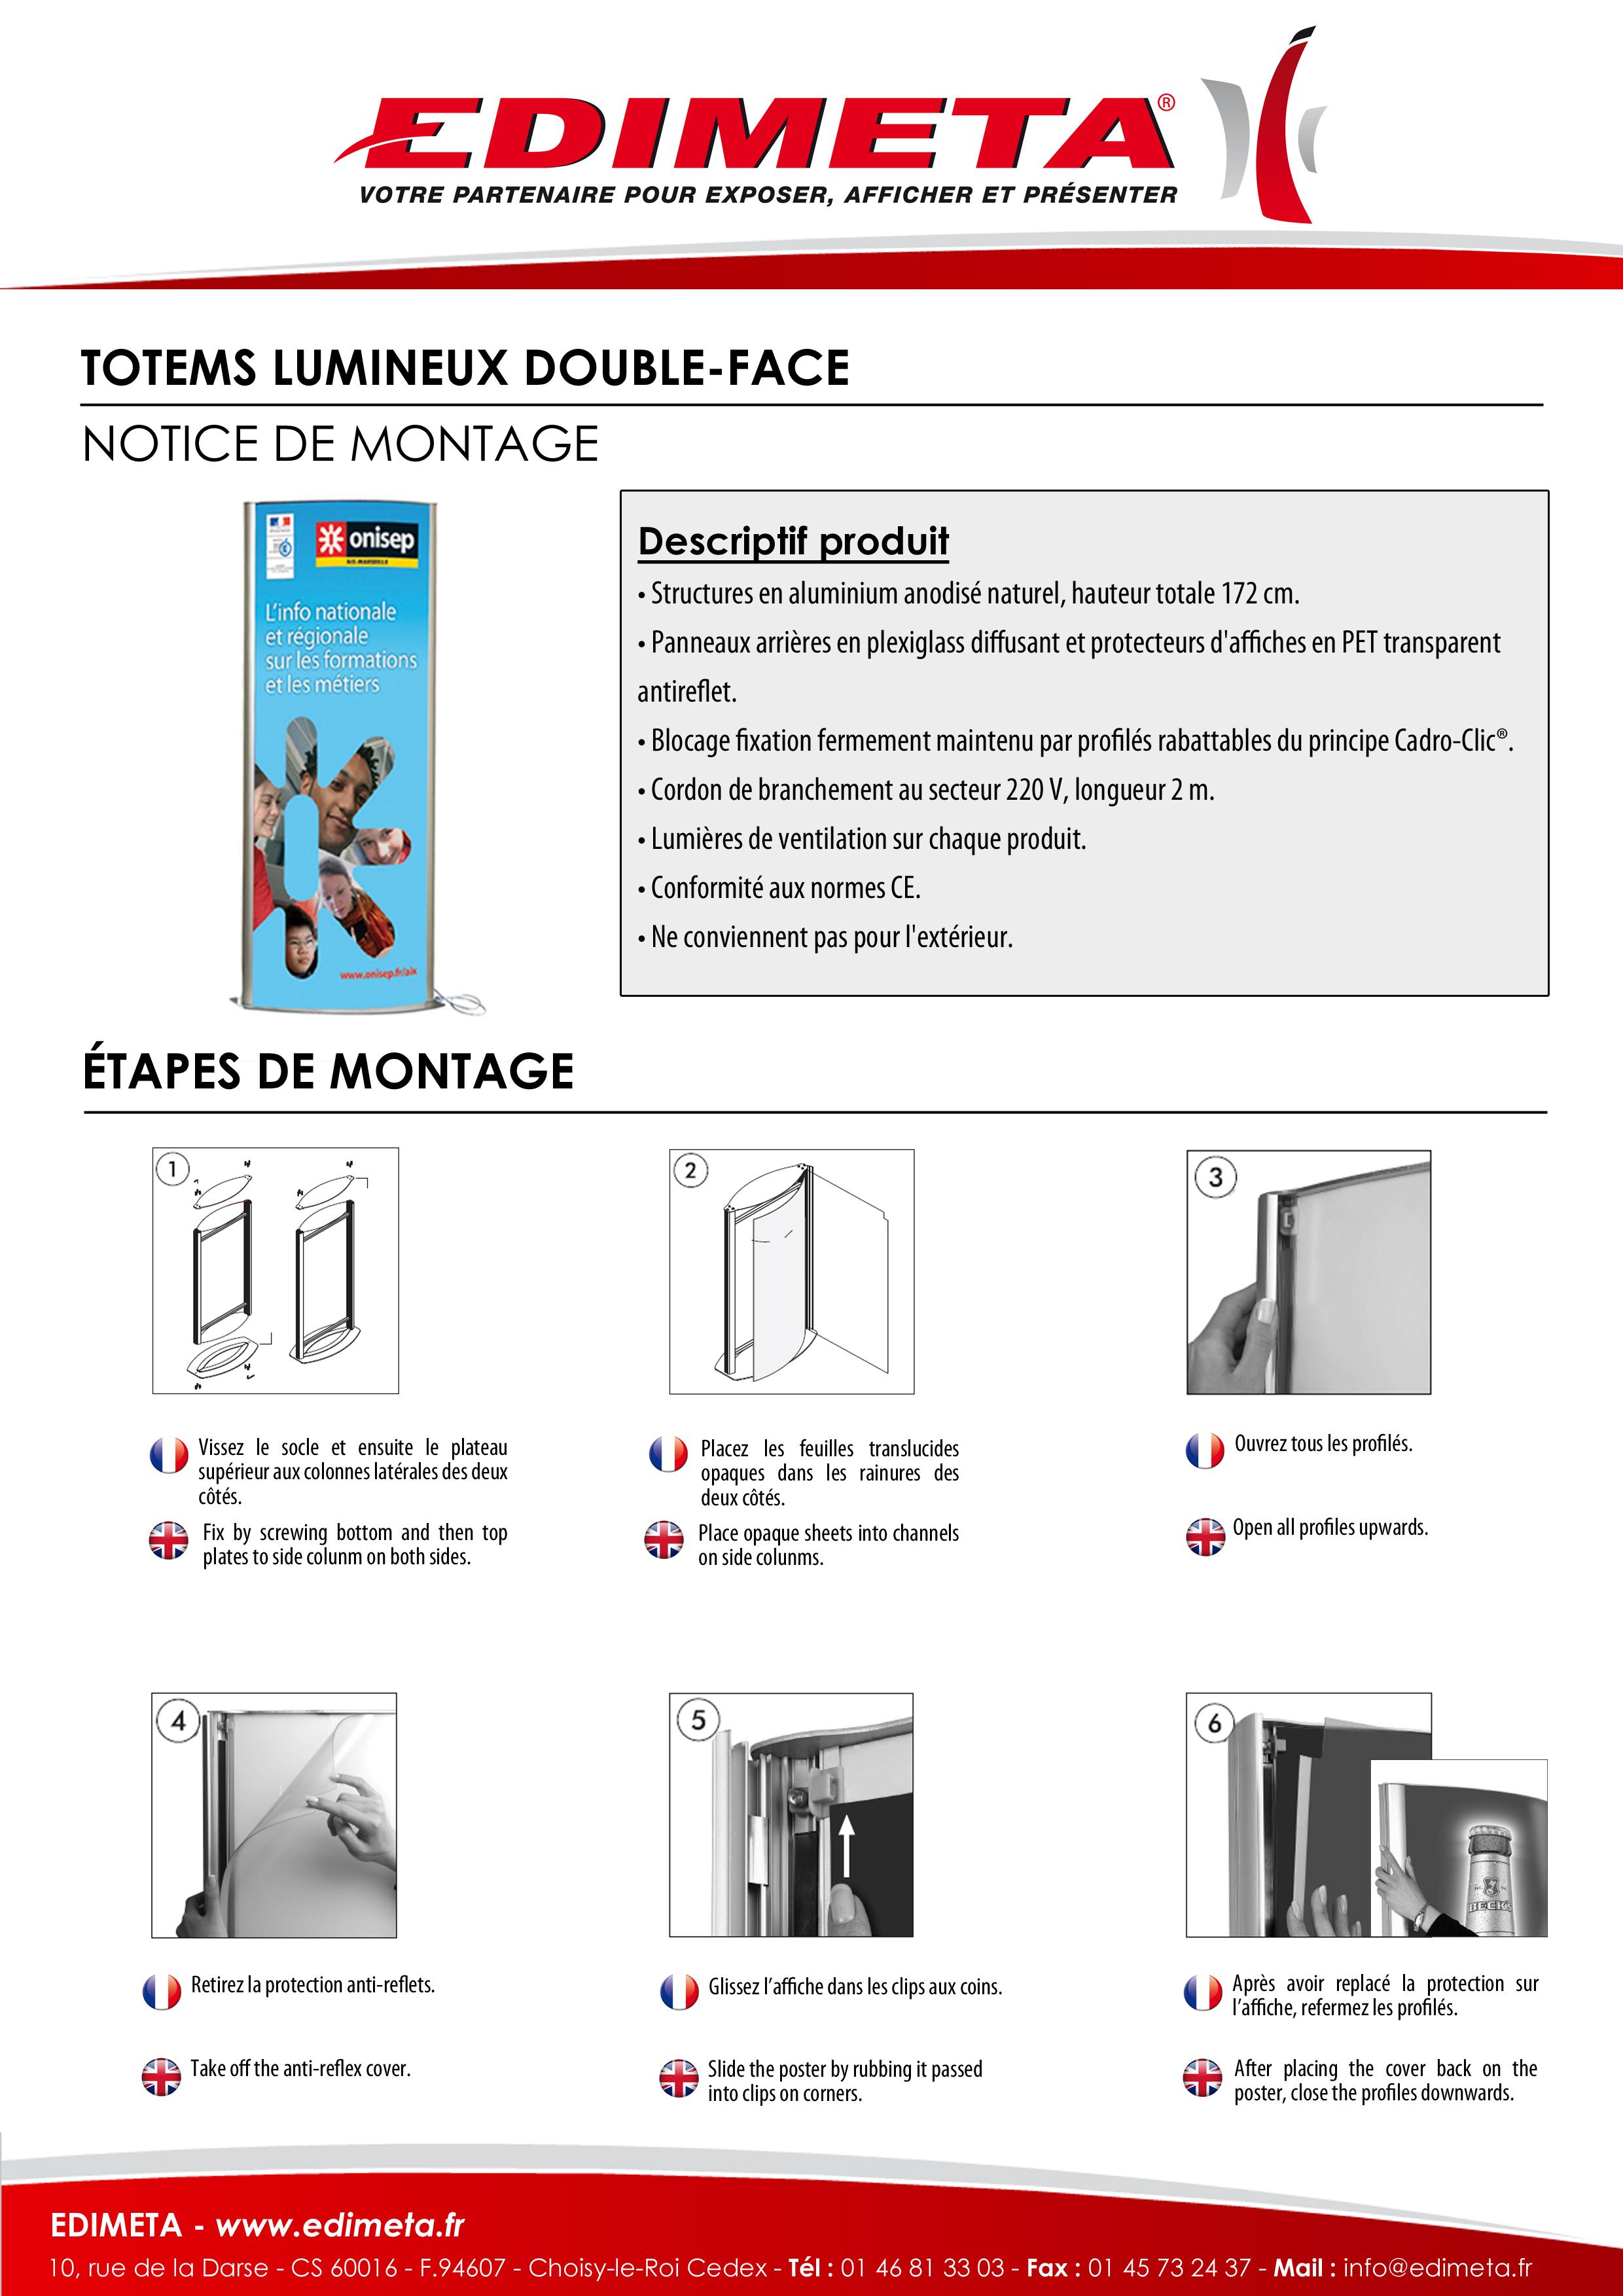 NOTICE DE MONTAGE : TOTEMS LUMINEUX DOUBLE-FACE